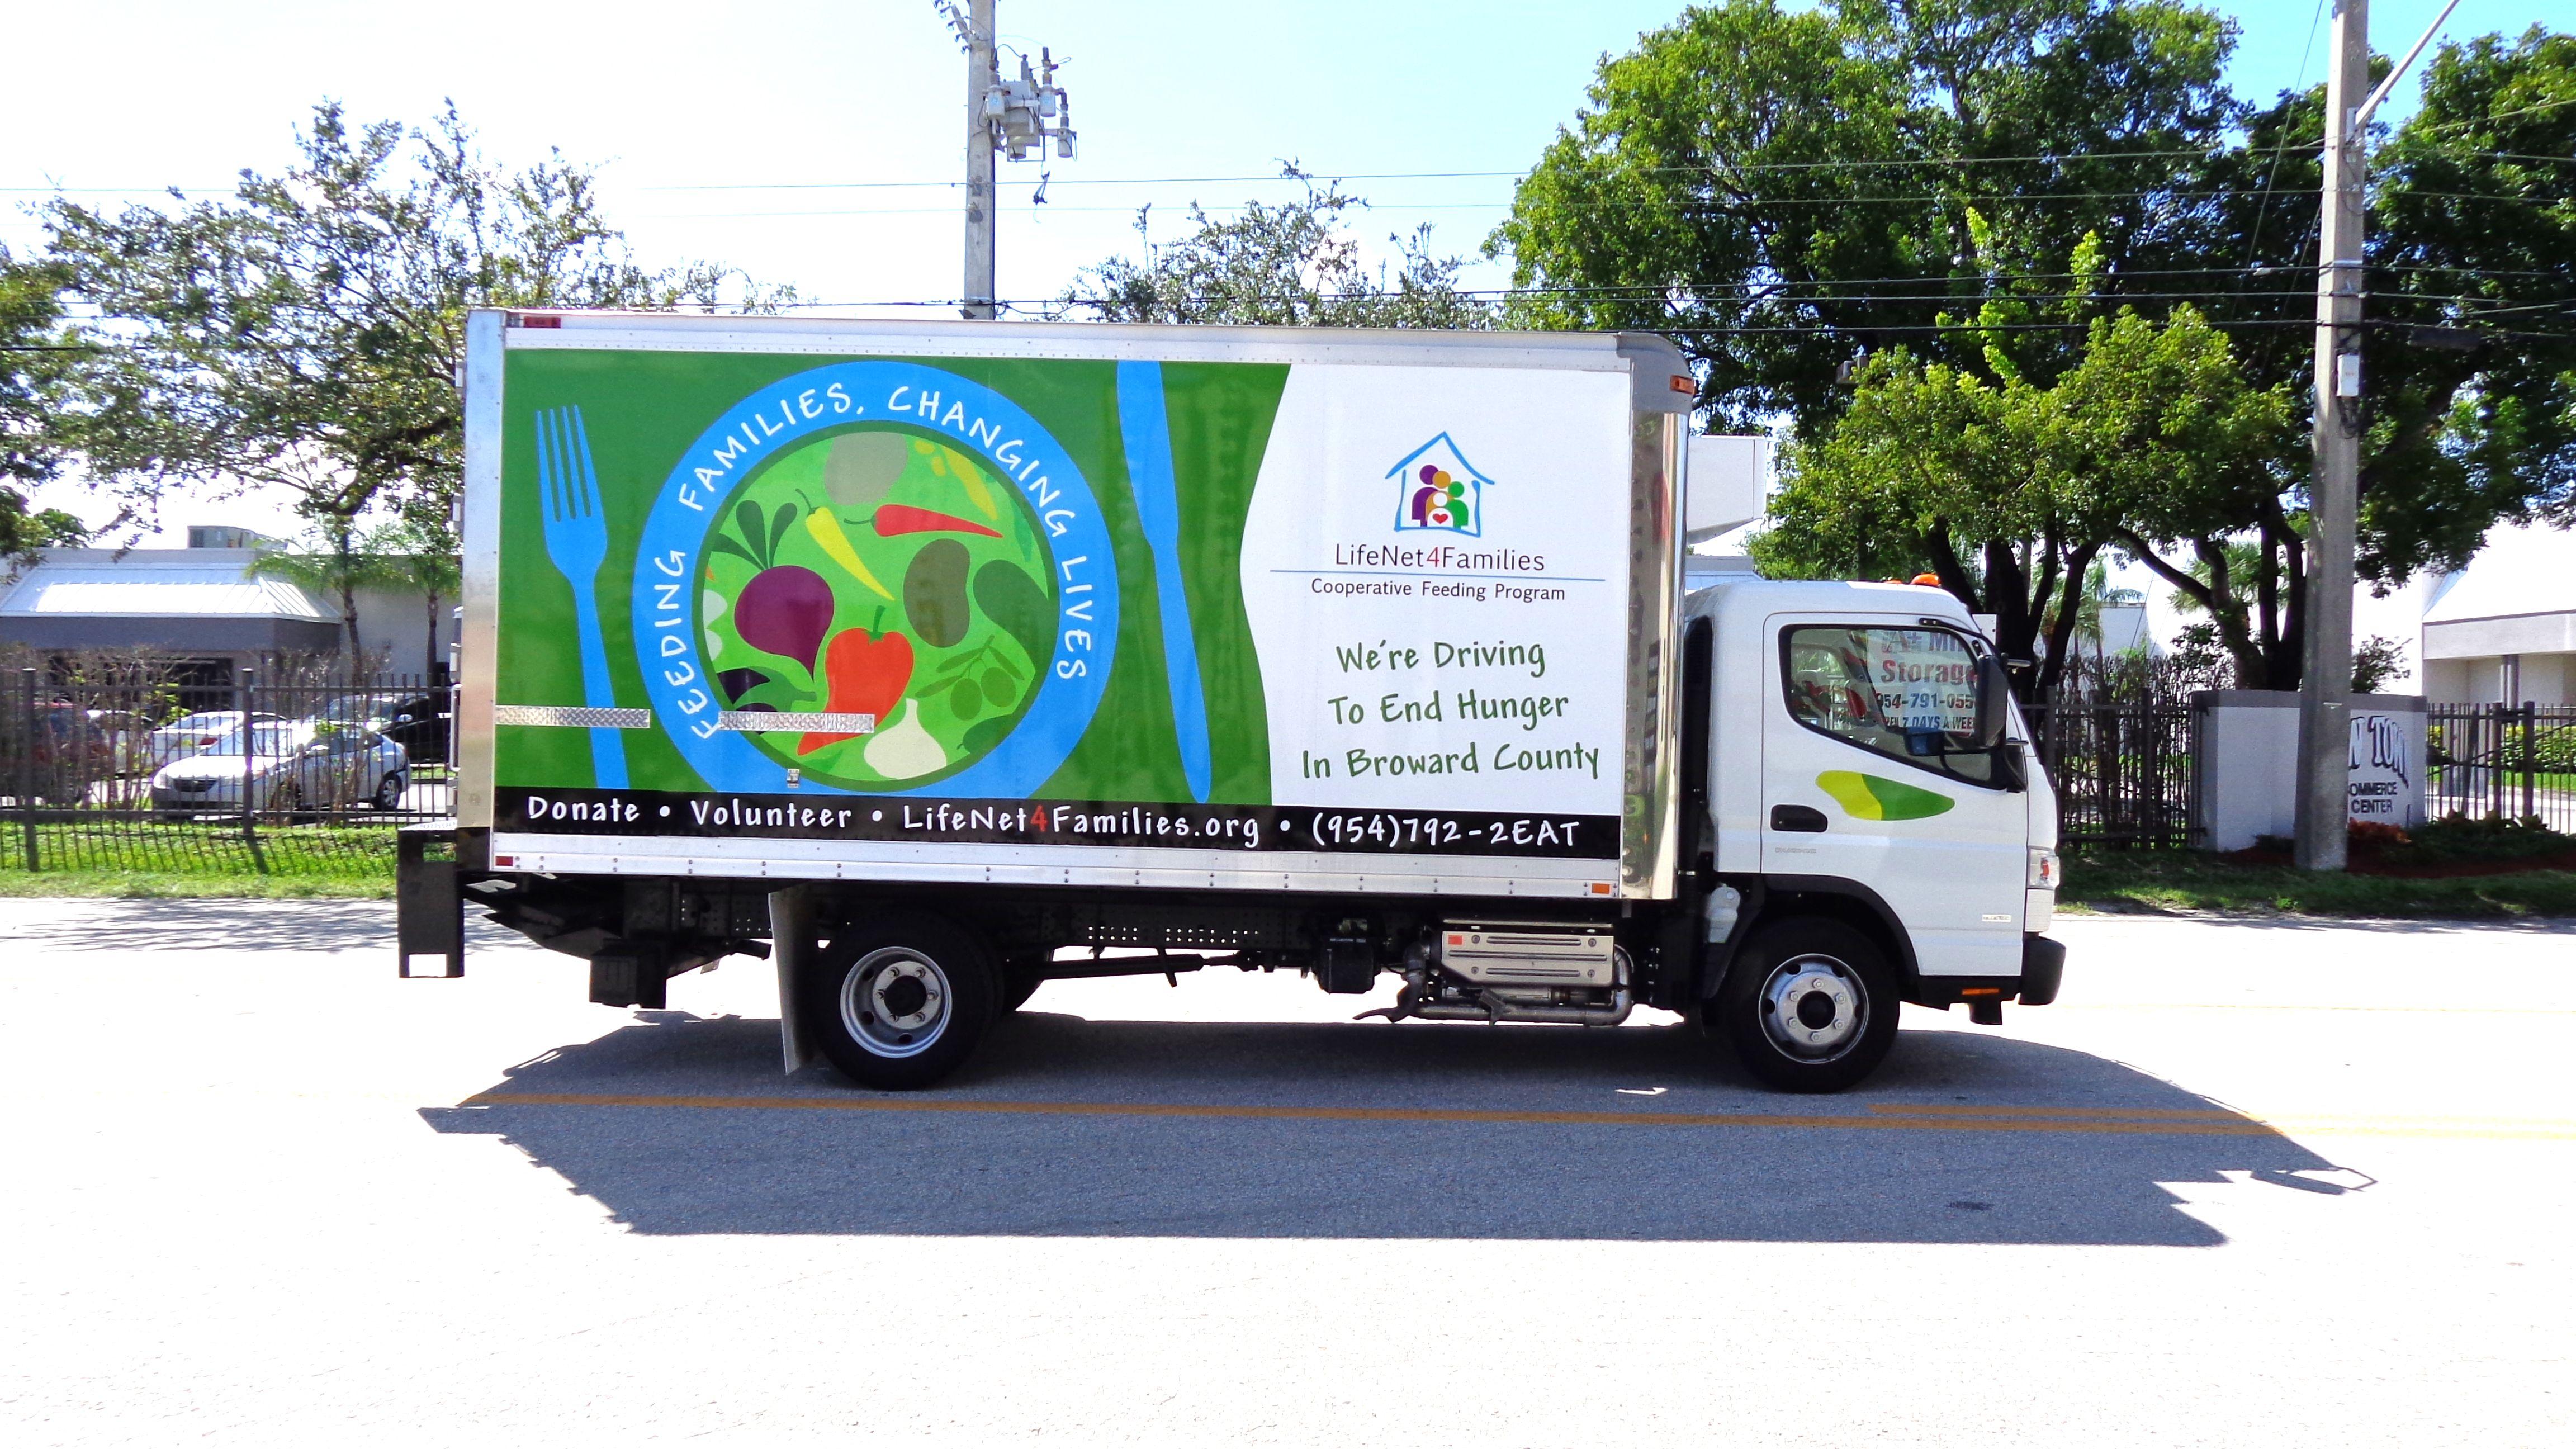 Fort lauderdale box truck vinyl vehicle wrap non profit life net 4 families http